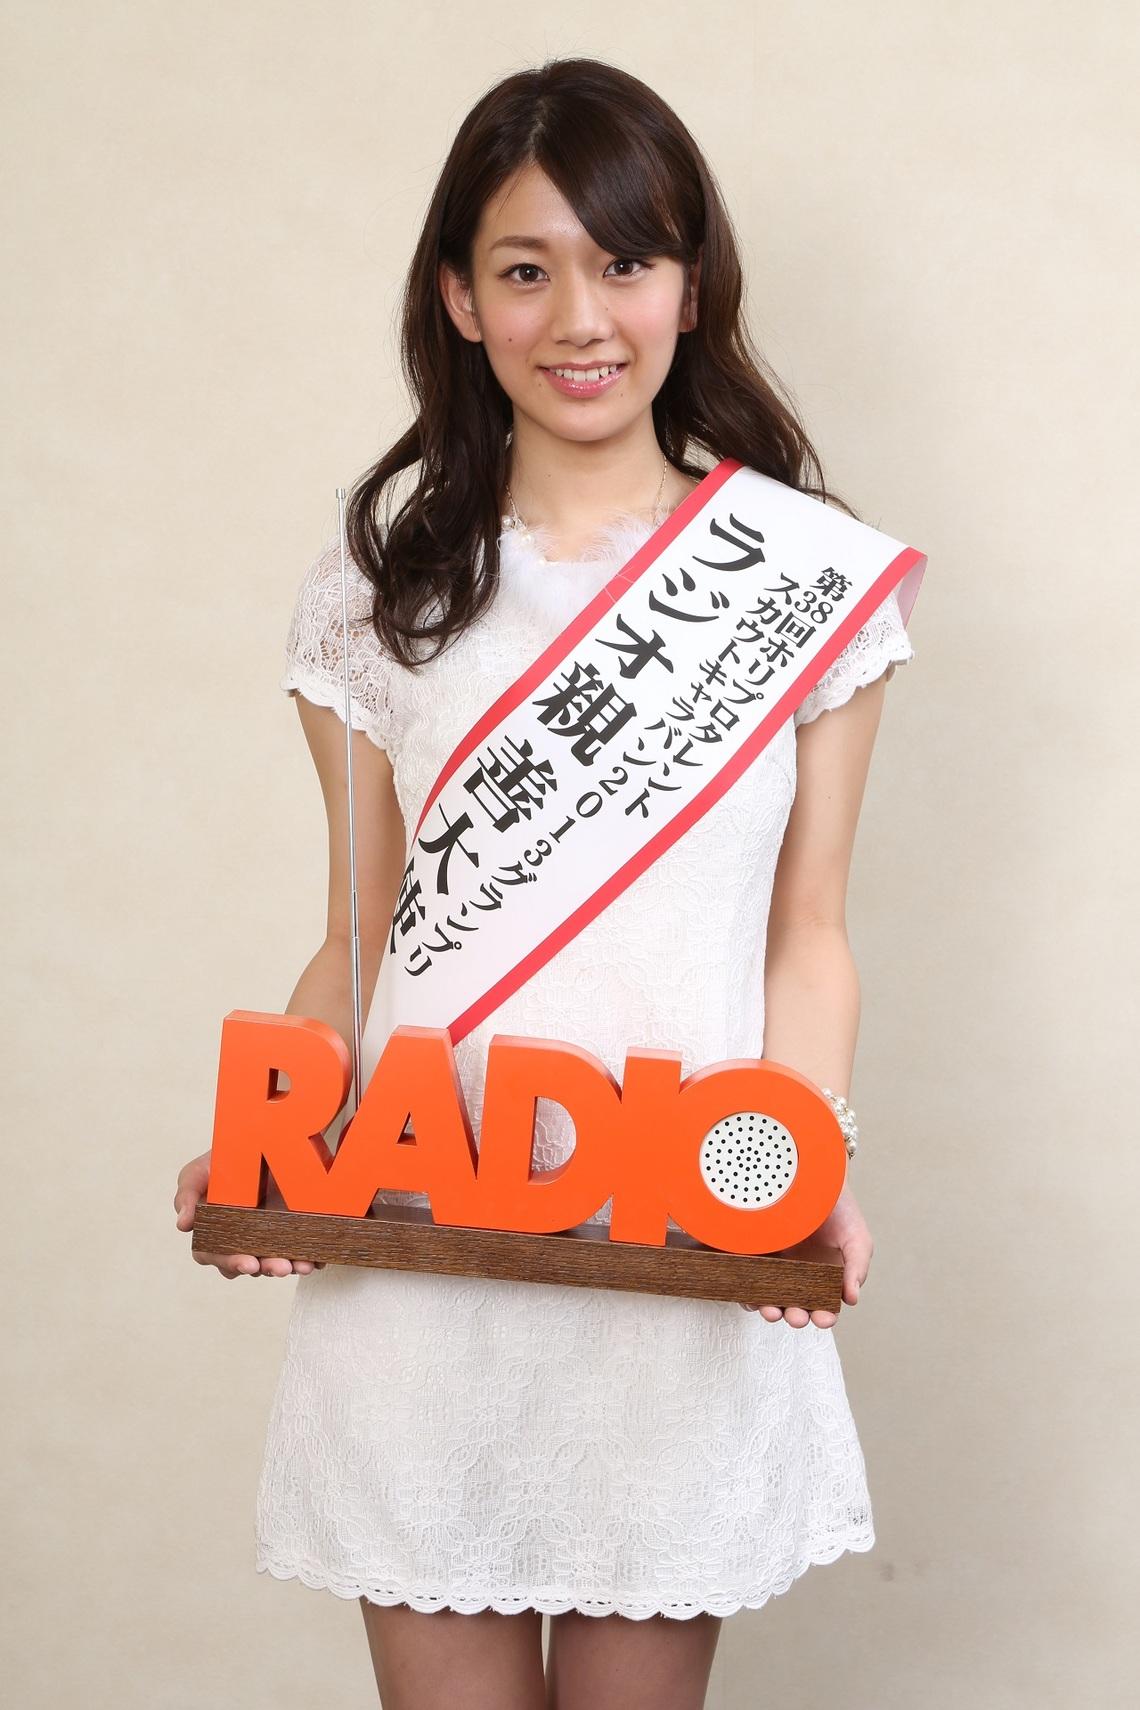 グランプリを受賞した佐藤美希さん(20歳)